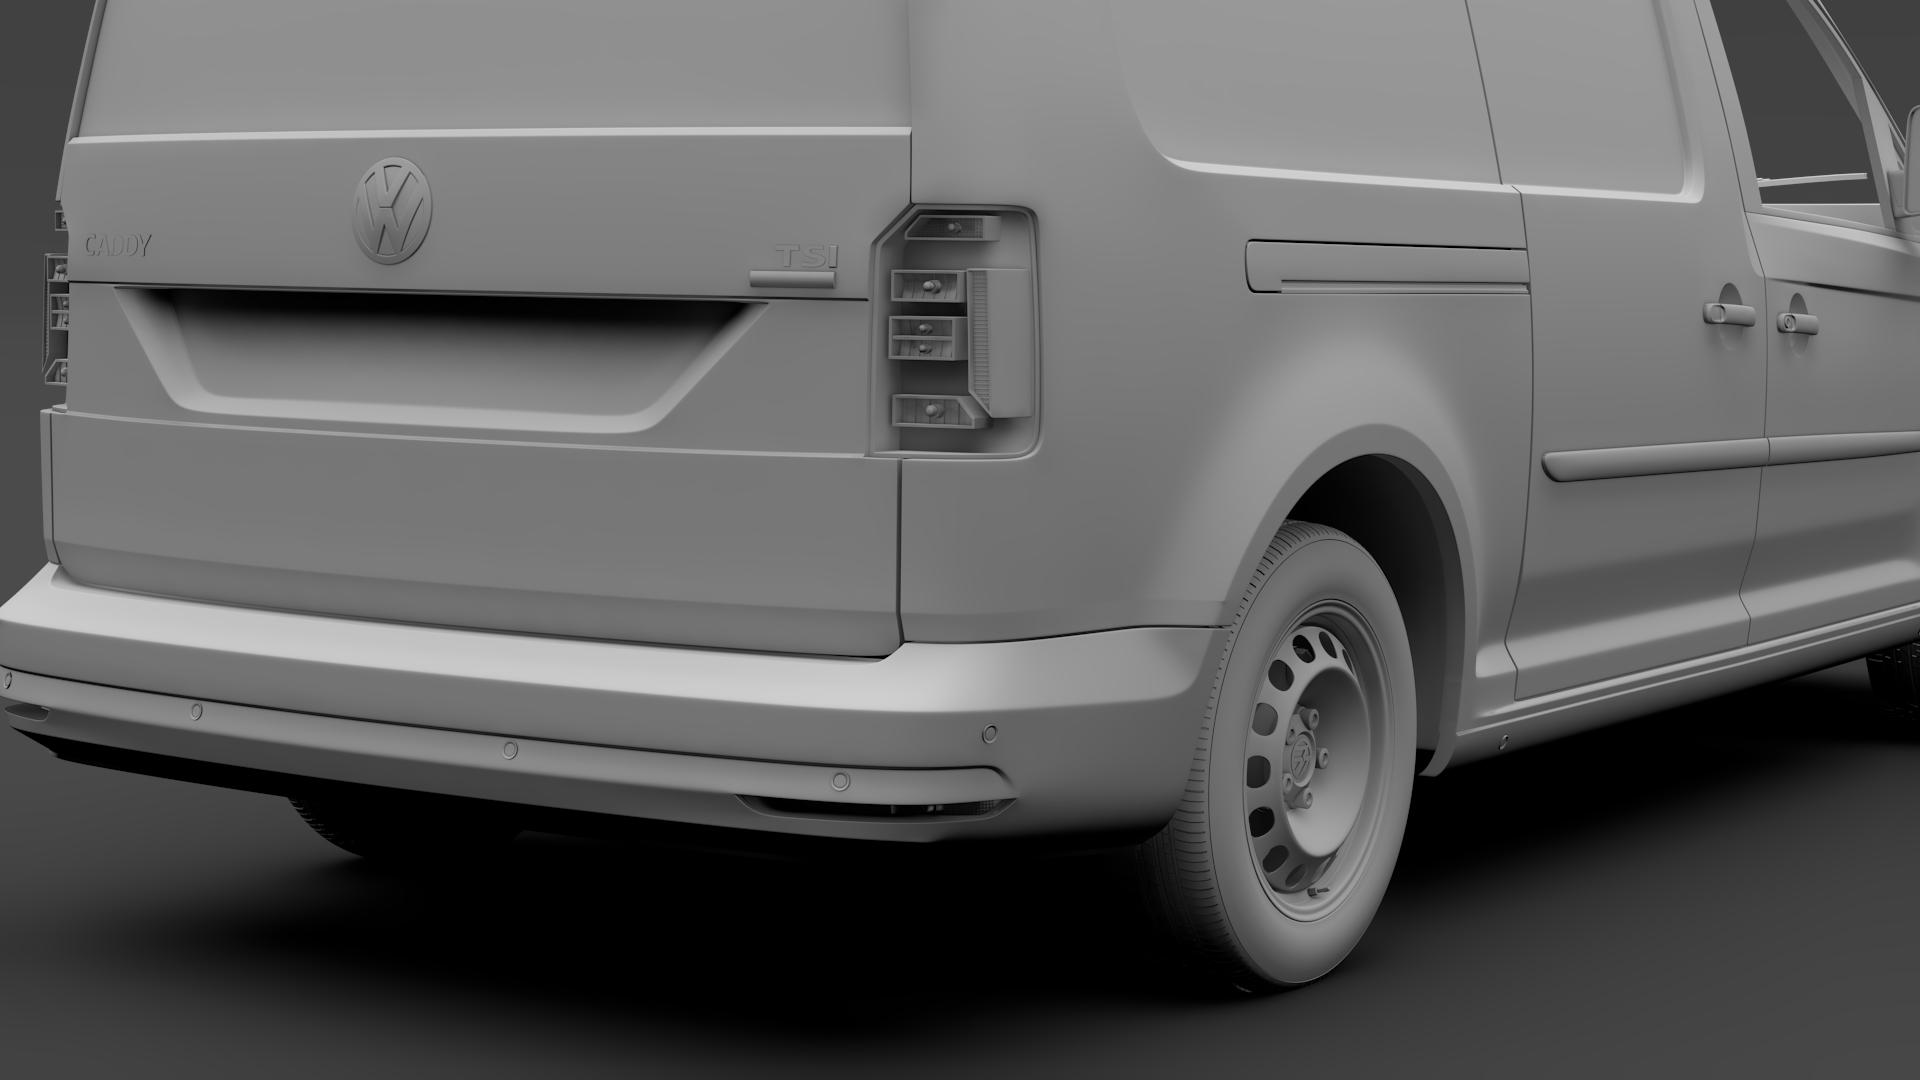 volkswagen caddy panel van l2 2017 3d model max fbx c4d lwo ma mb hrc xsi obj 274614